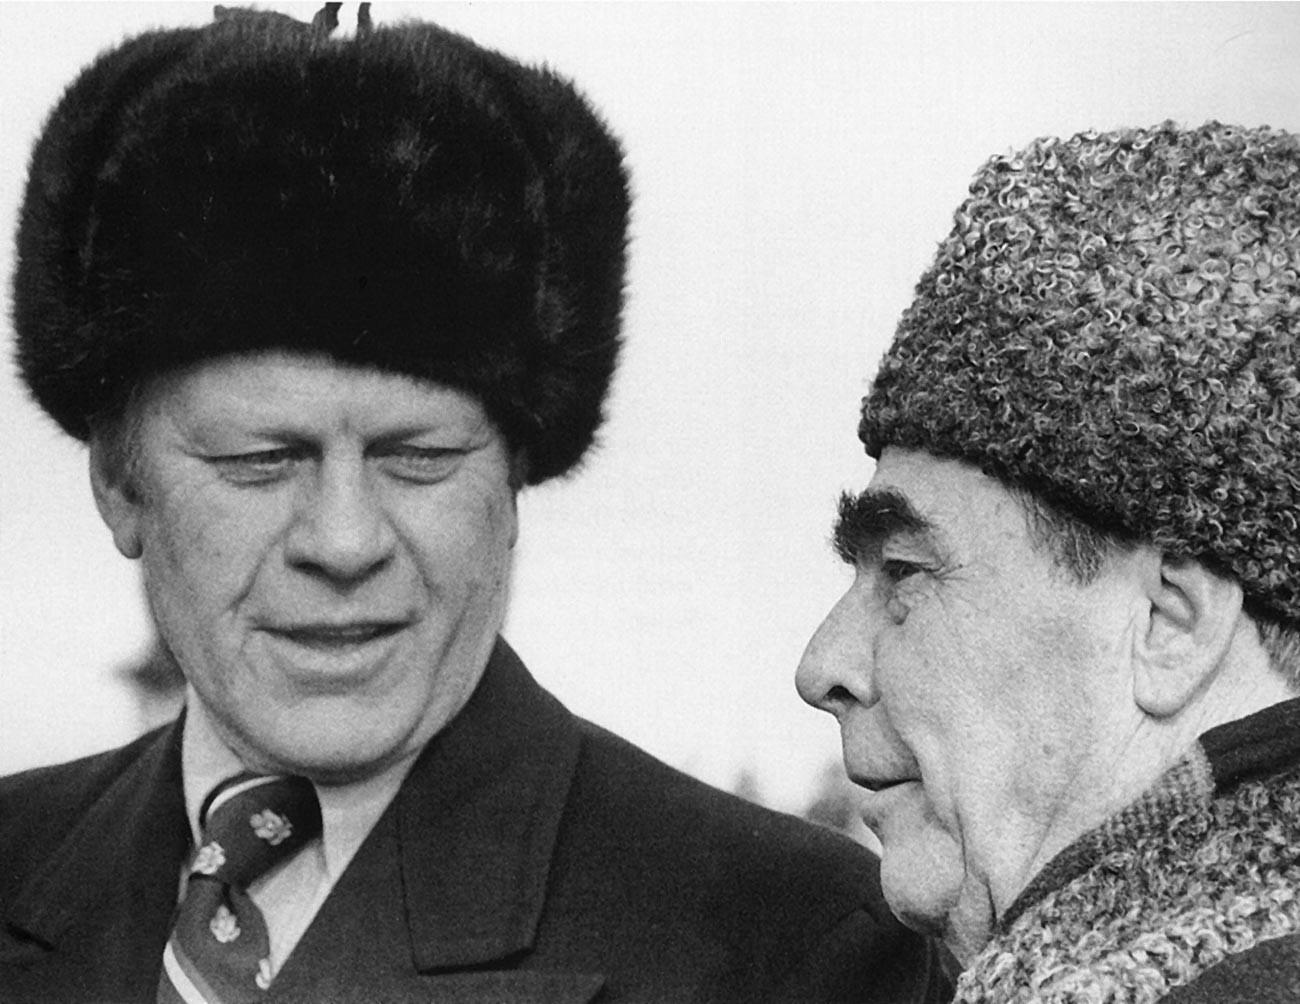 Der US-Präsident Gerald R. Ford traf 1974 mit dem sowjetischen Führer Leonid Breschnew zusammen